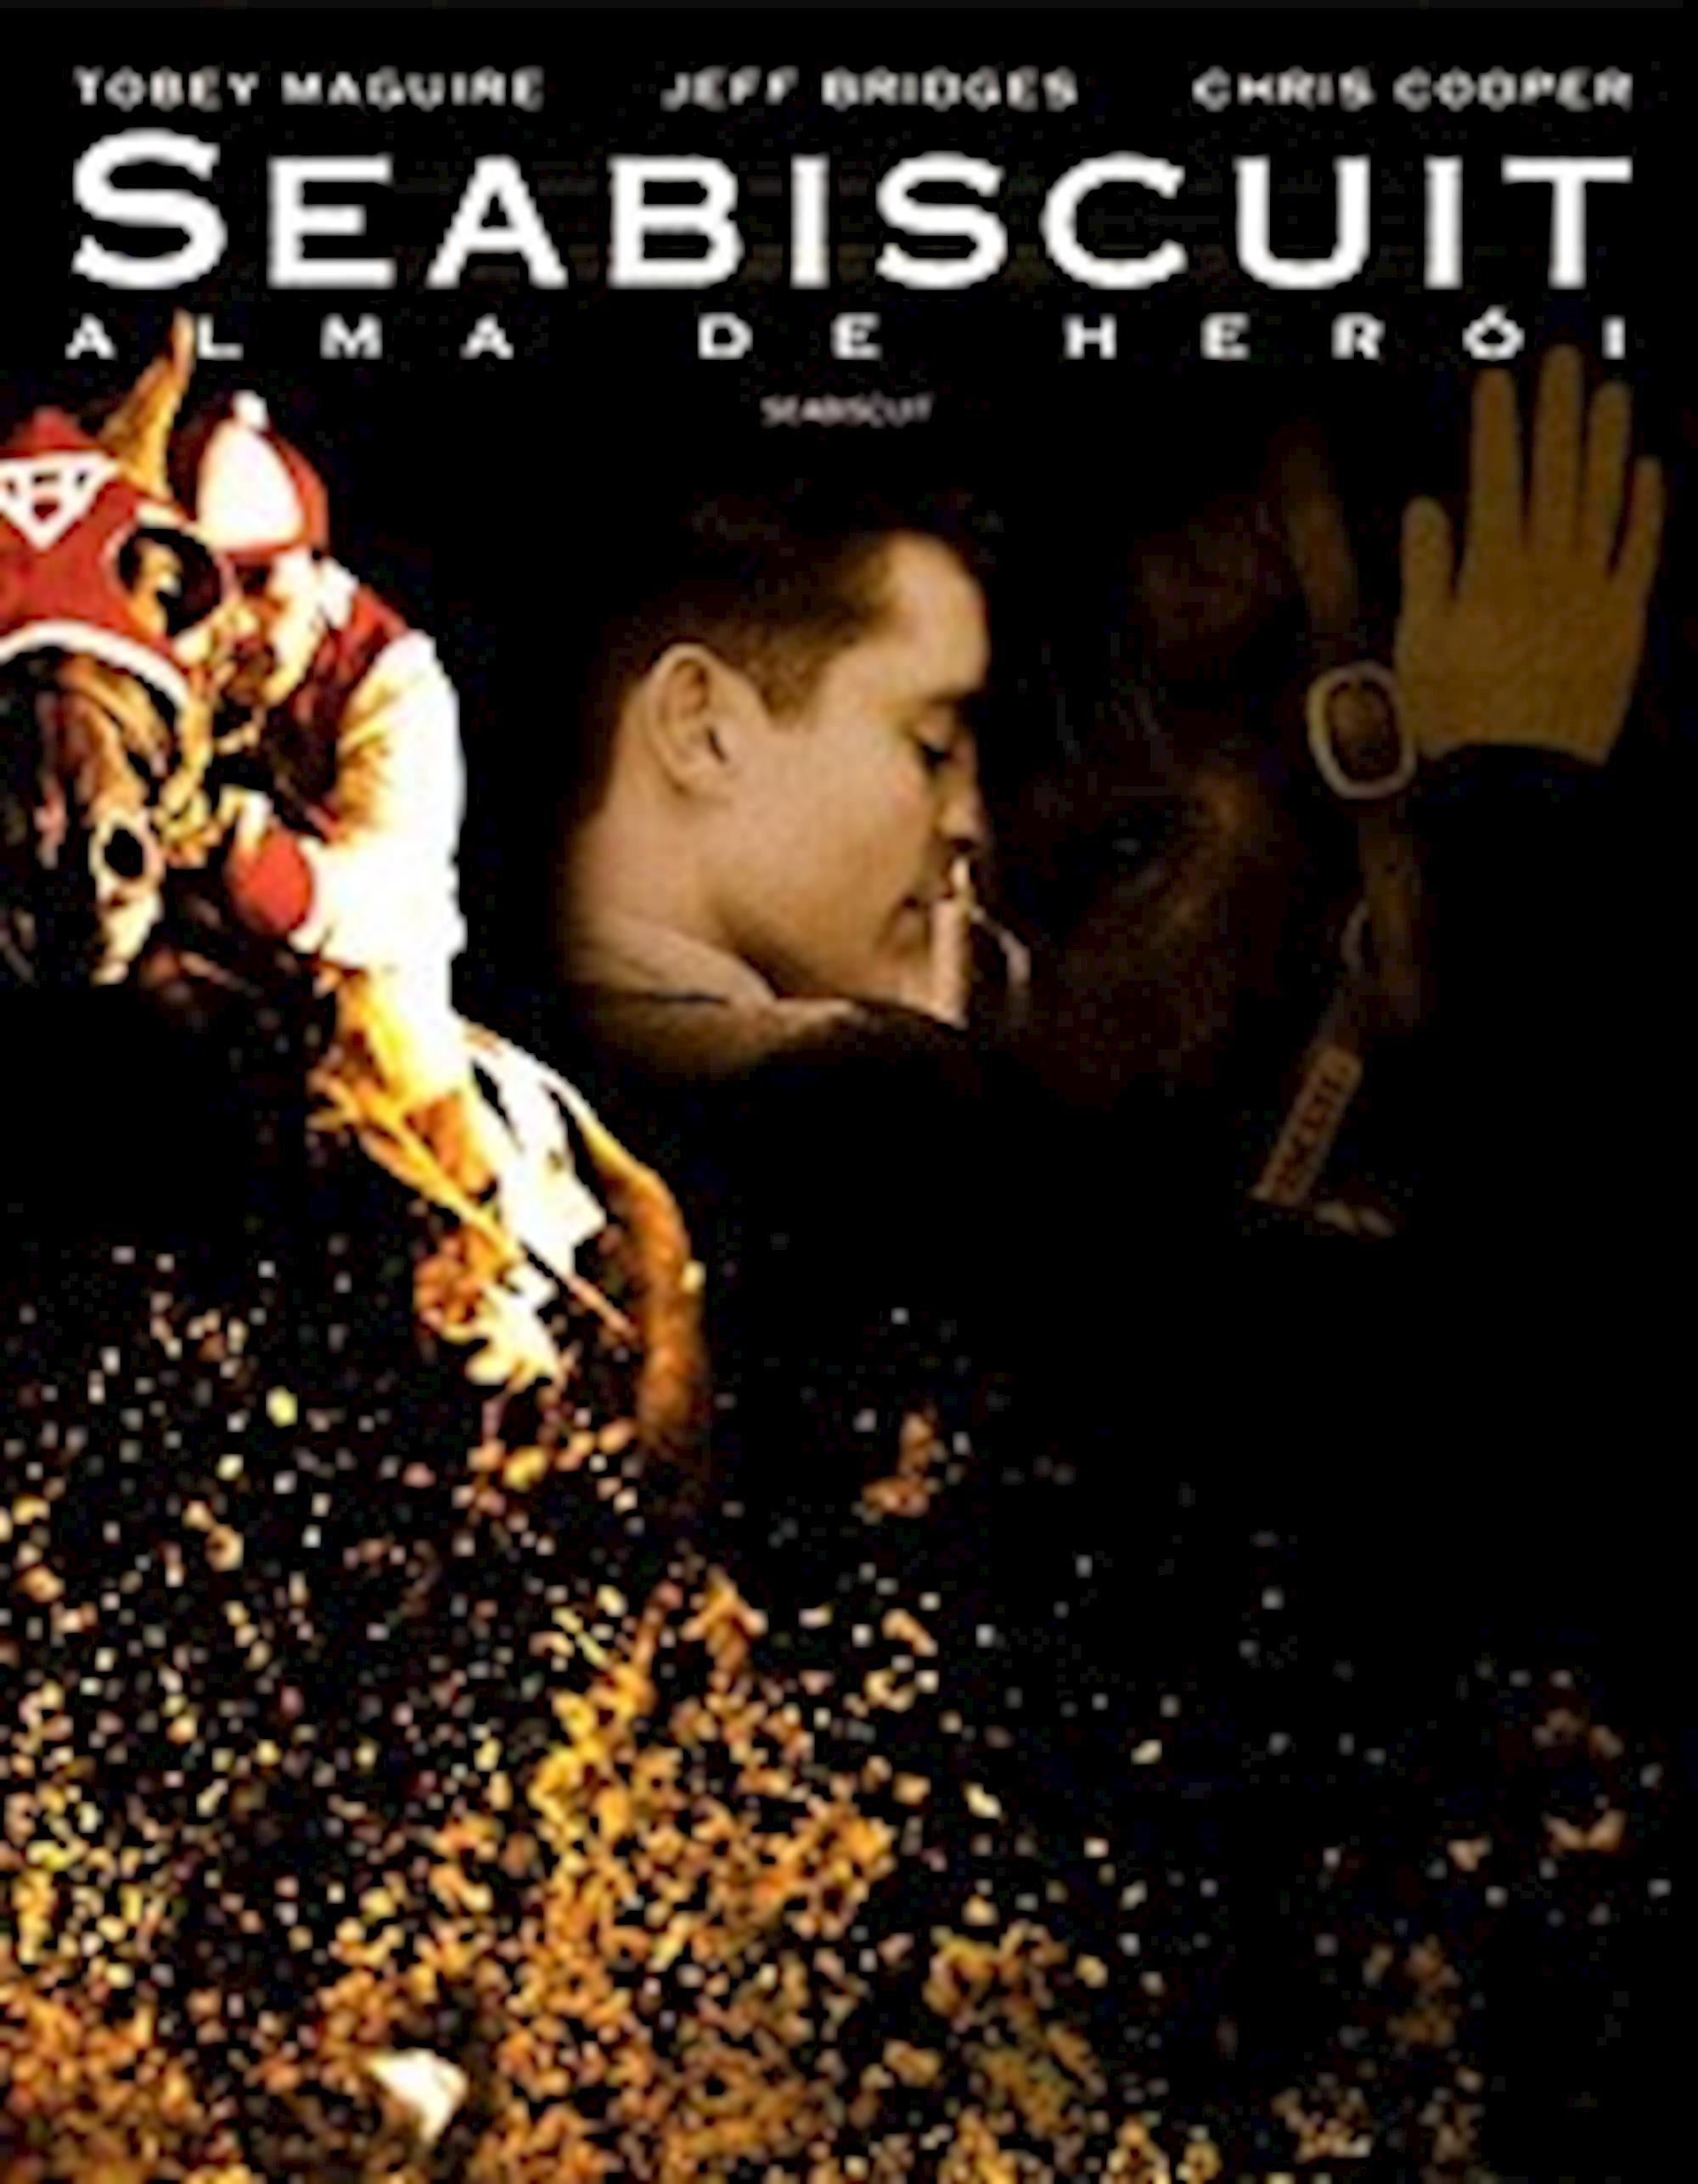 filmes de cavalos, dicas de filmes, Seabiscuit, Alma de Herói,